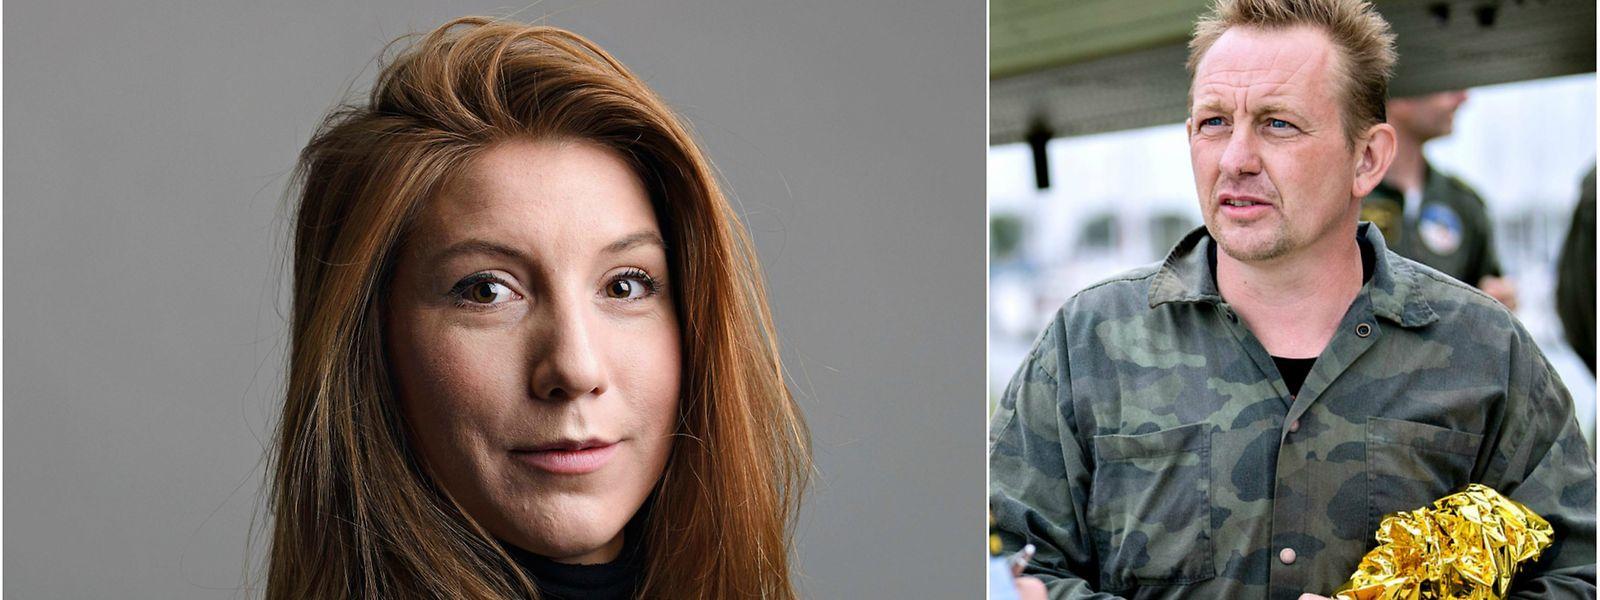 Die schwedische Journalistin Kim Wall verschwand vom U-Boot des Dänen Peter Madsen. Später wurde ihre zerstückelte Leiche gefunden.